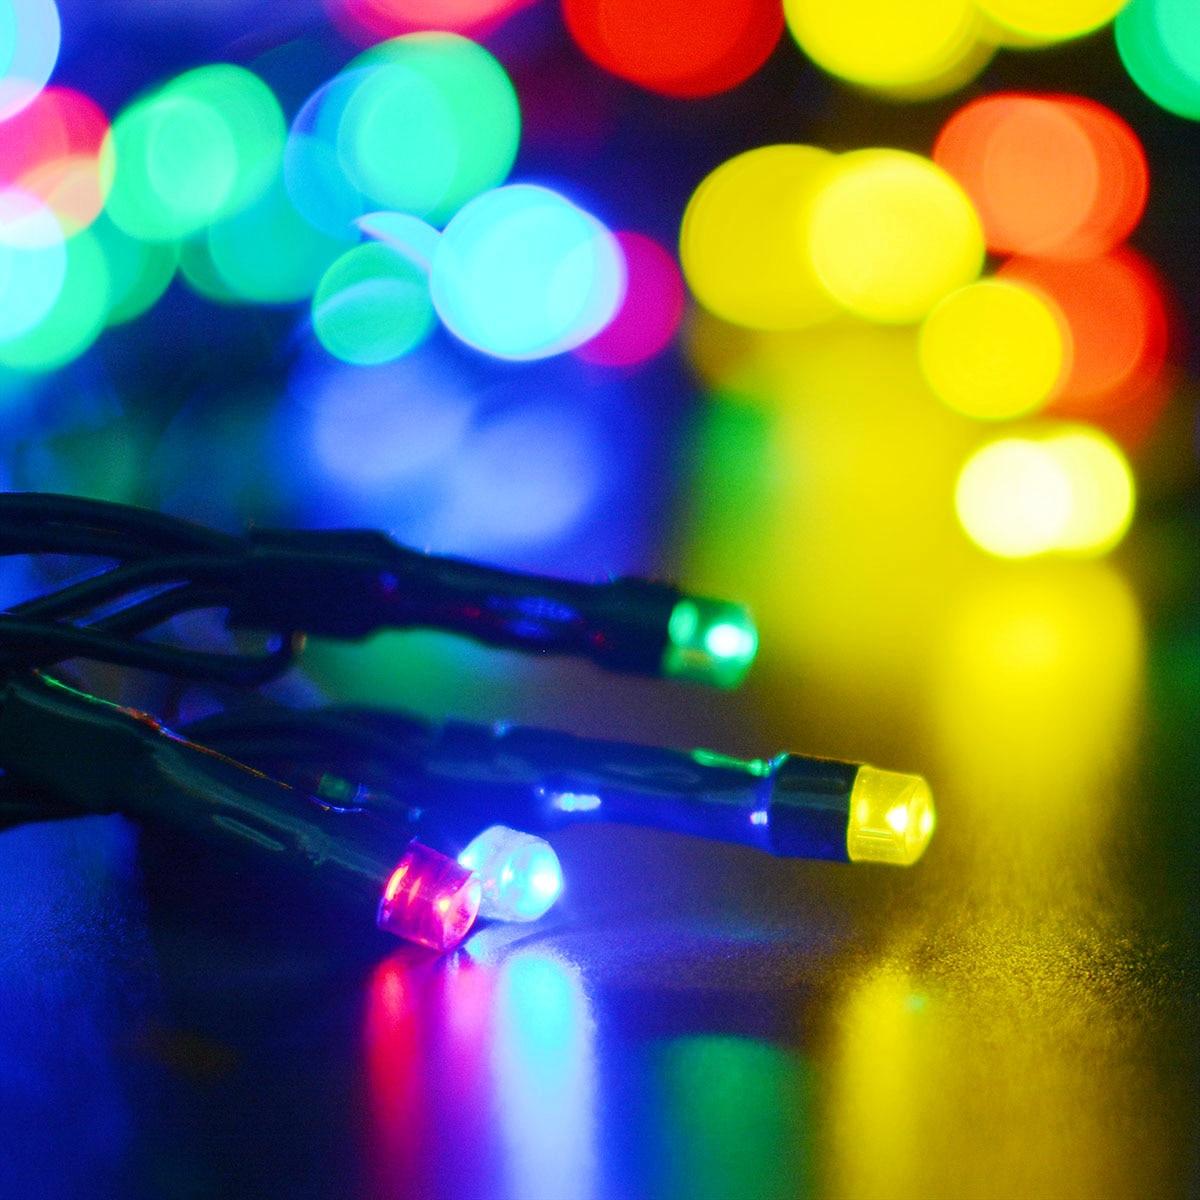 Cordas de Iluminação lighitng jardim luzes do partido Keyword : Solar Powered Led String Light